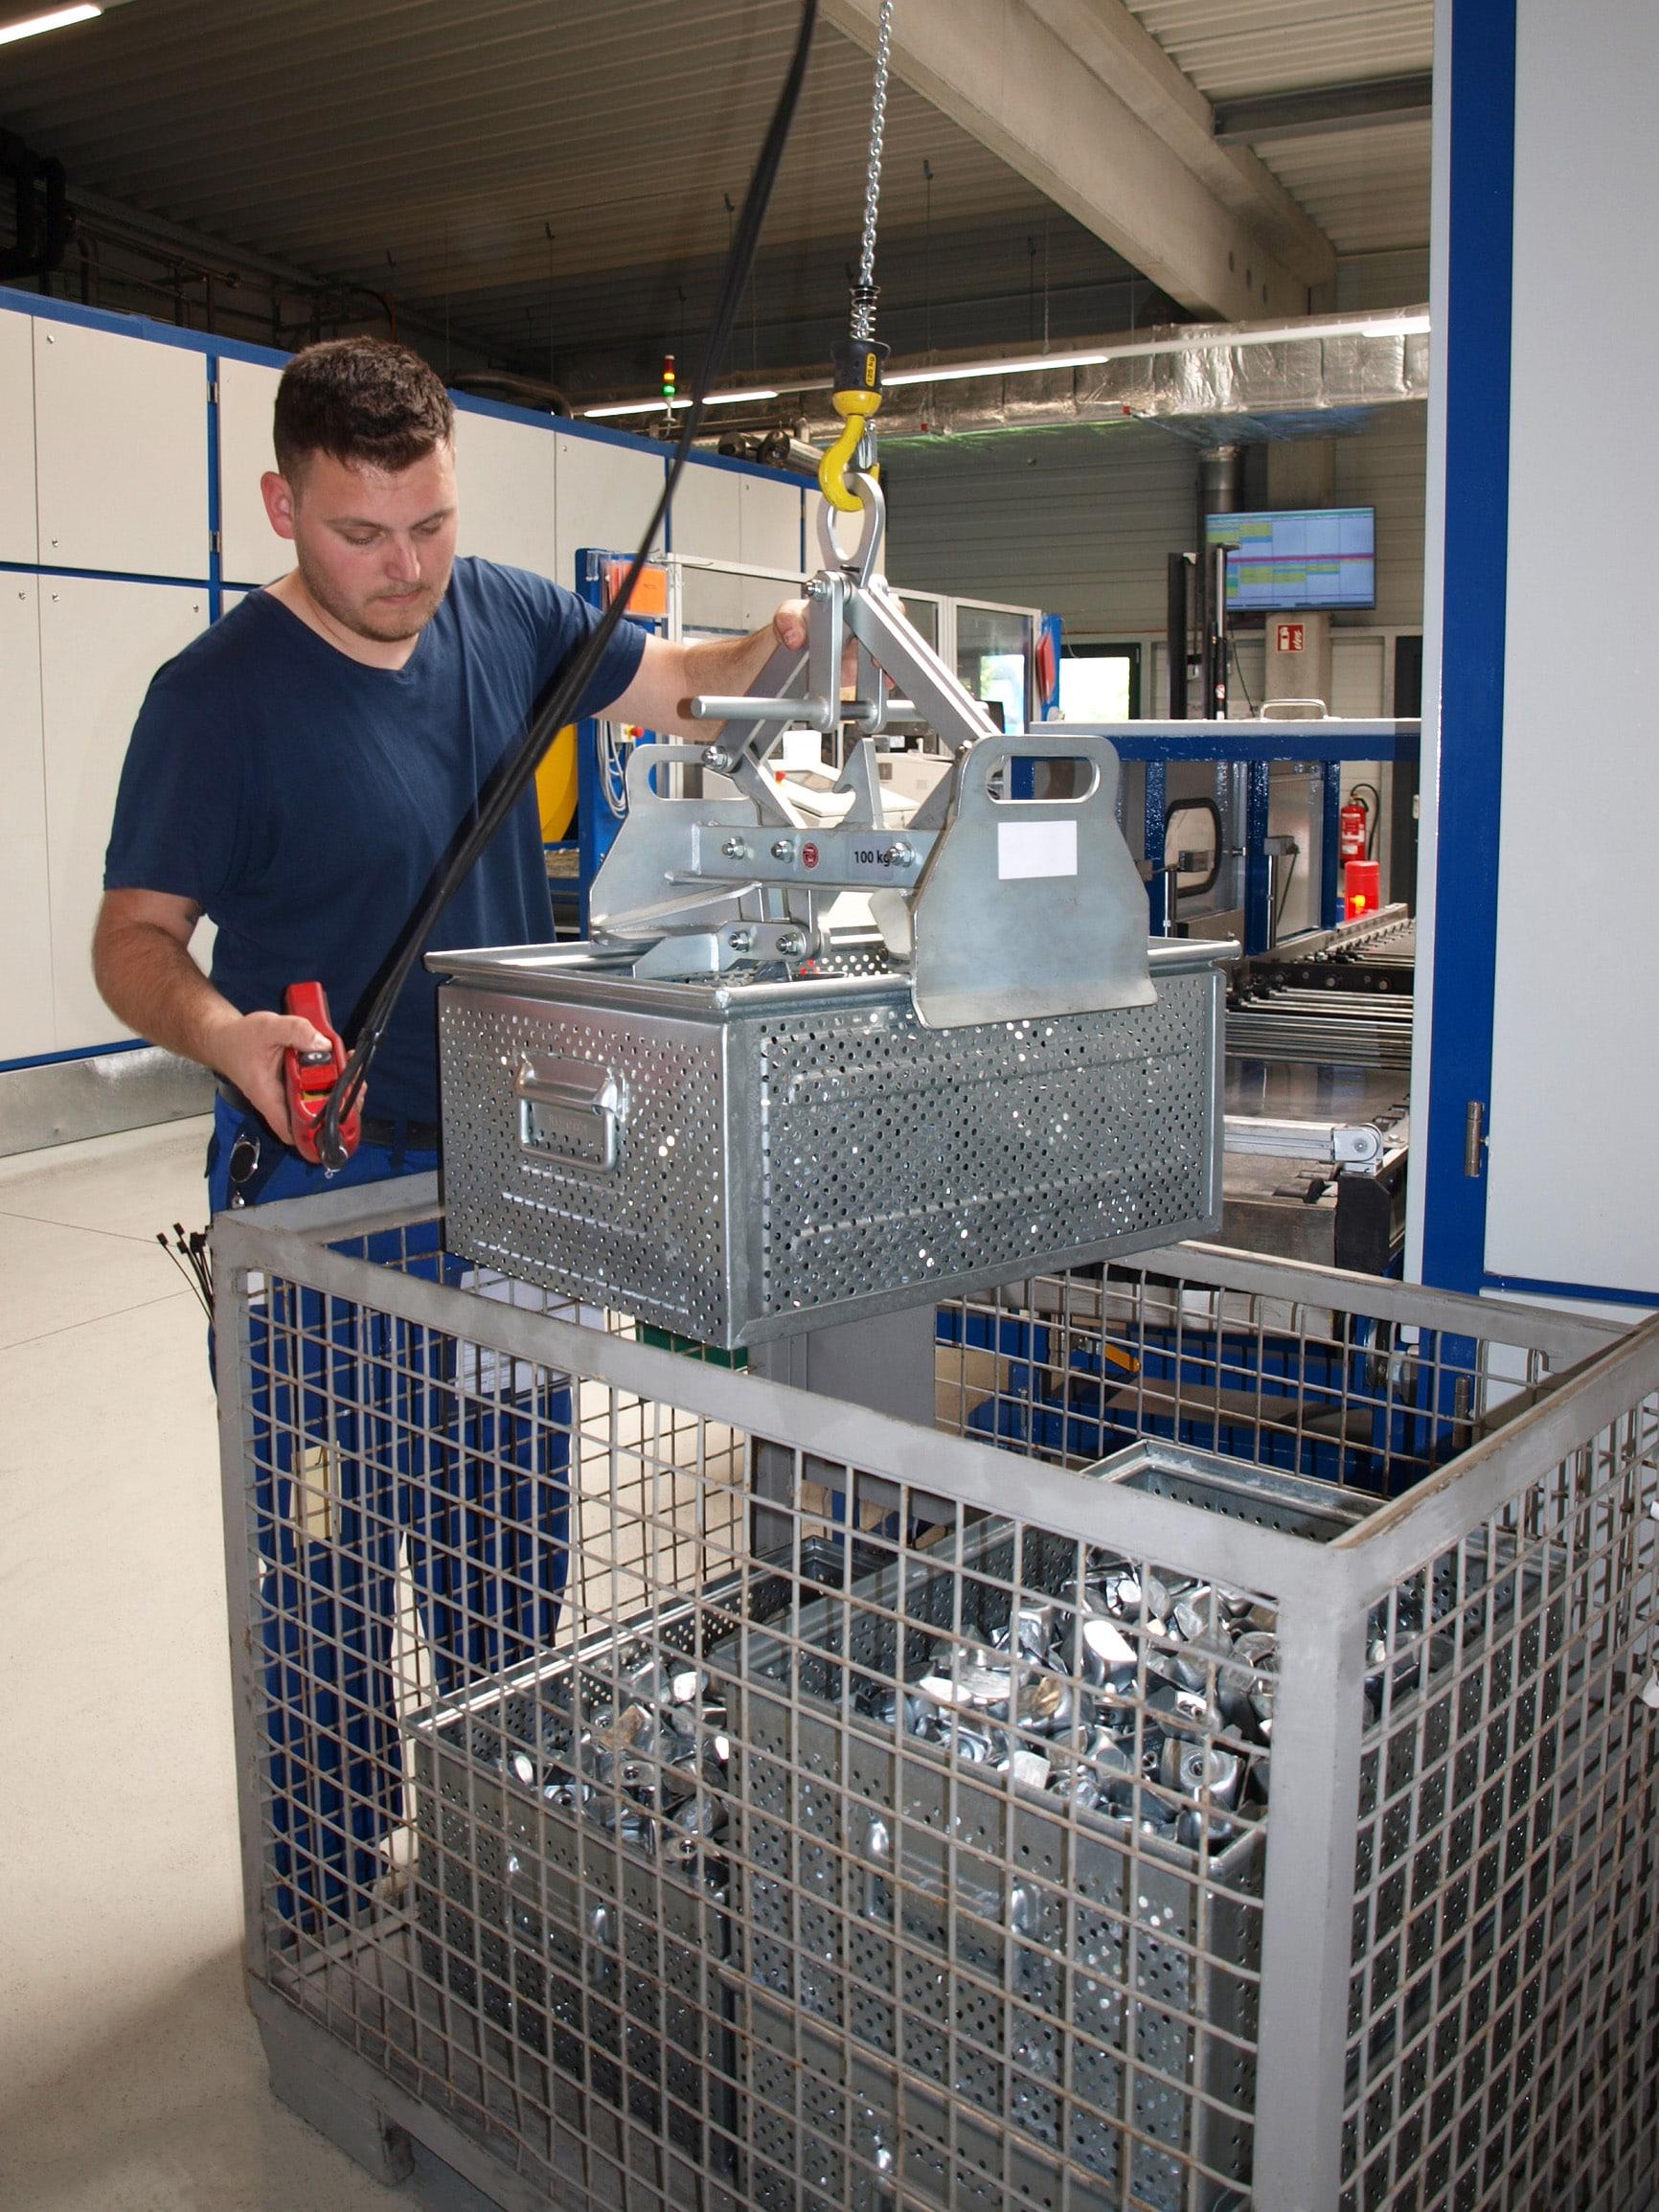 Nächstes Level für High-End-Entfettung – Die Richard Geiss GmbH erweitert ihr Leistungsspektrum in der Lohnentfettung